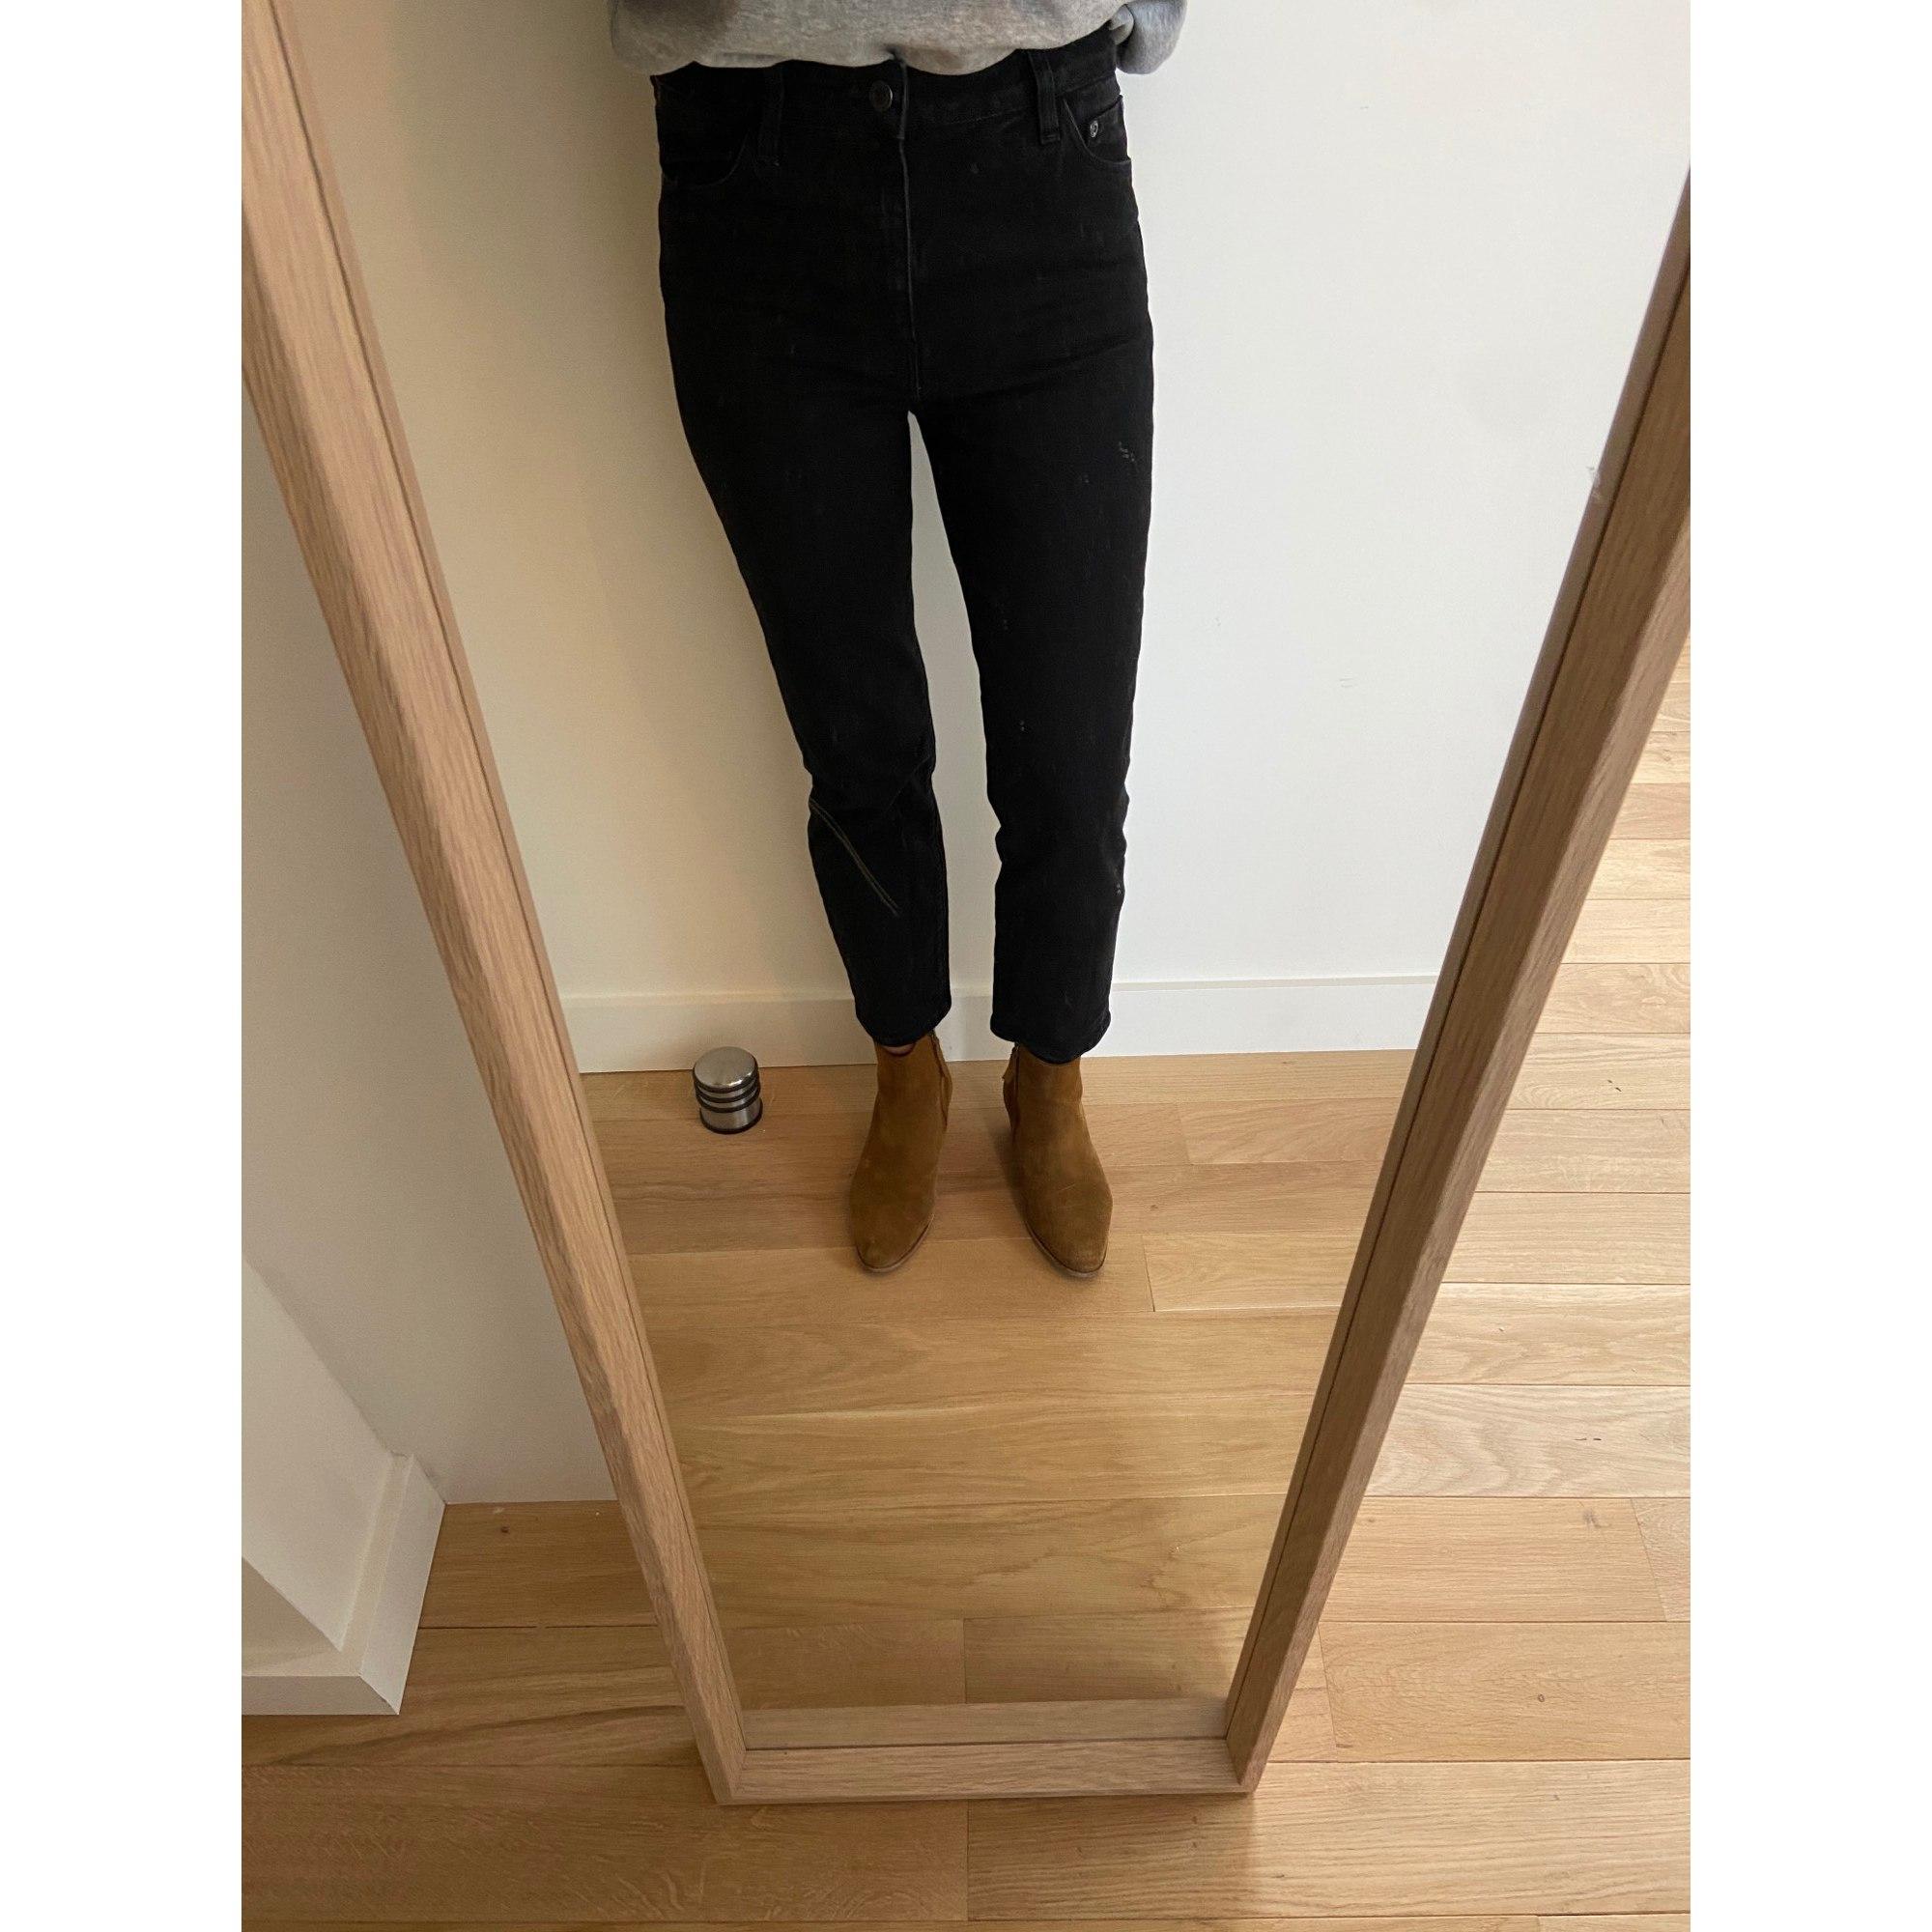 Jeans évasé, boot-cut COMPTOIR DES COTONNIERS Noir